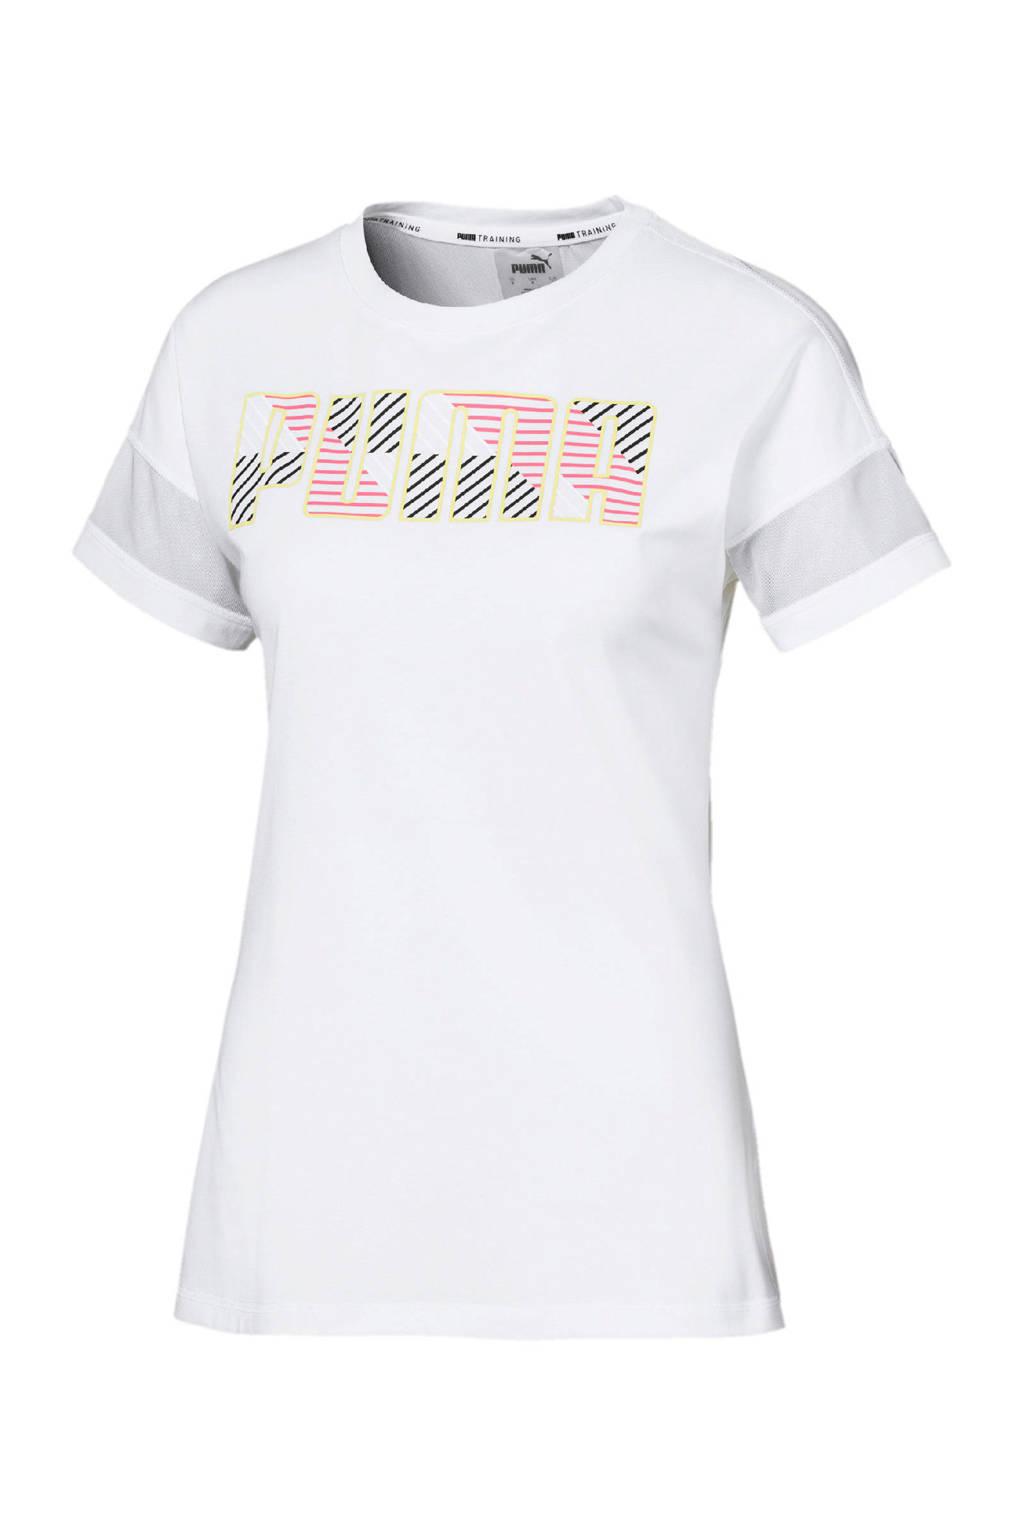 Puma sport T-shirt wit, Wit